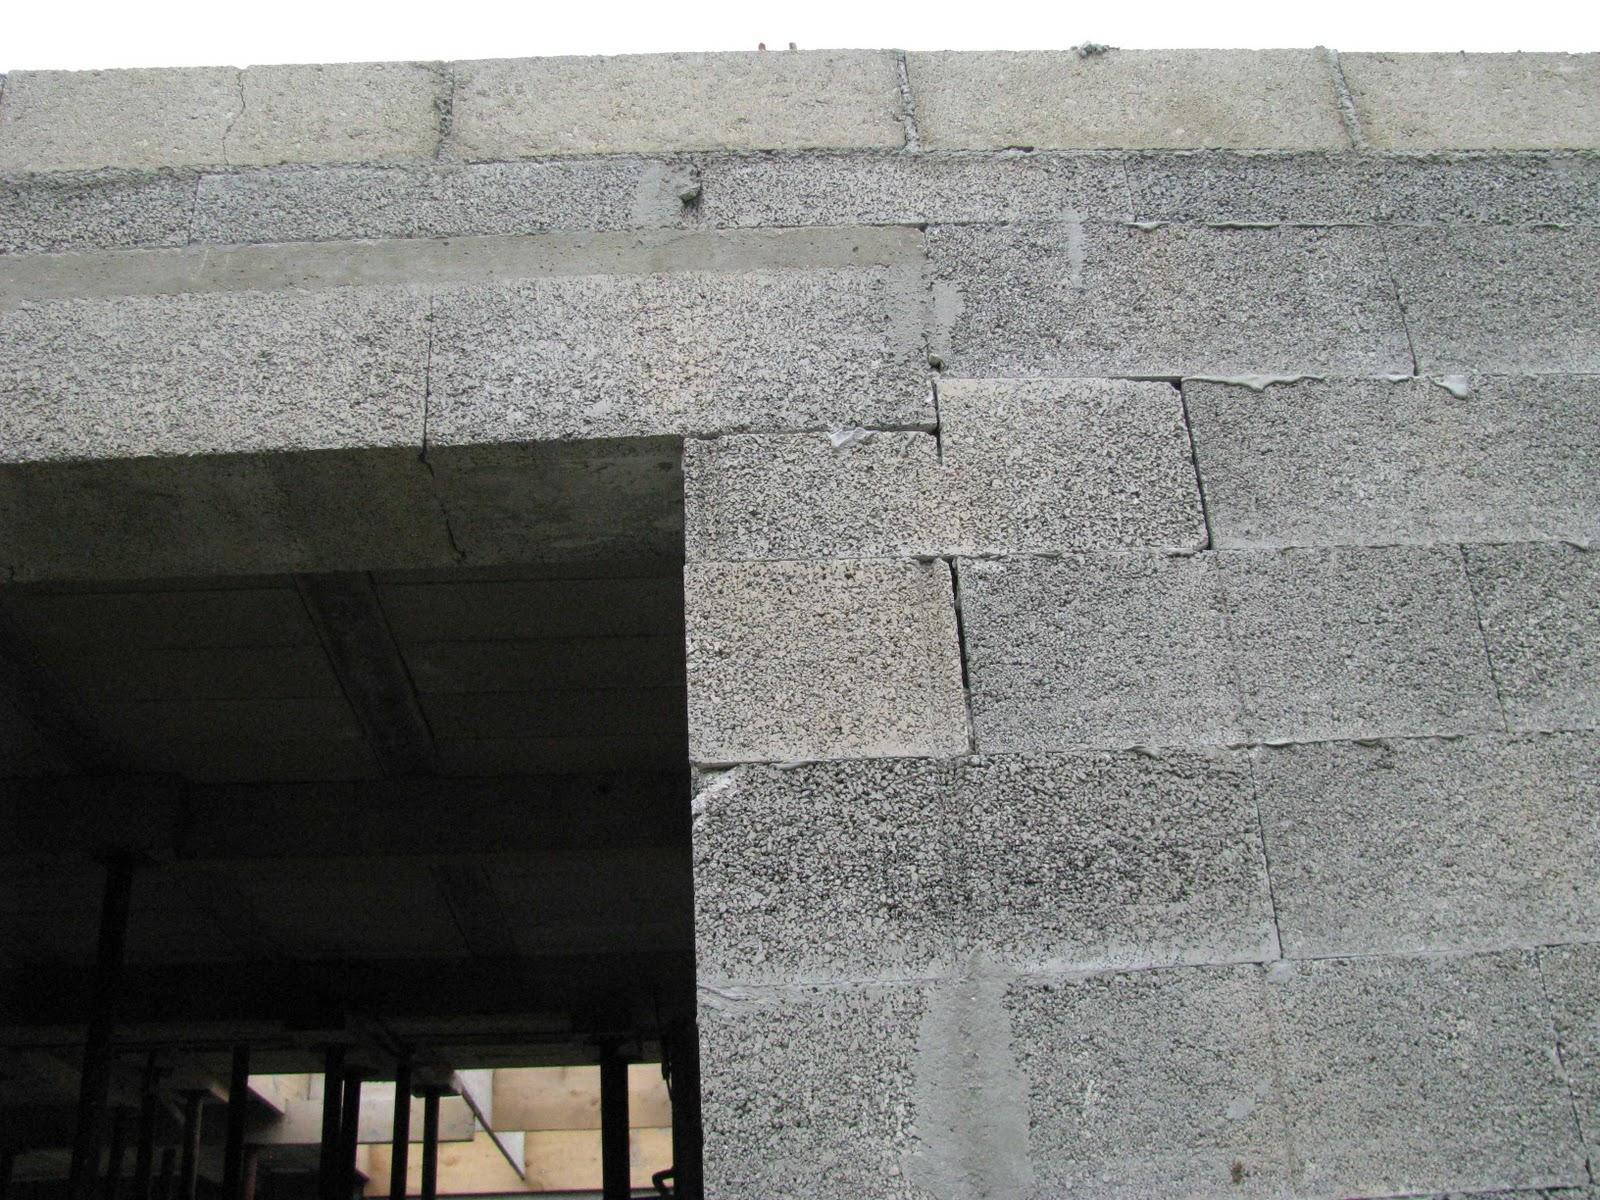 Je fais construire ma maison coulage du plancher 5 7 for Construire ma maison